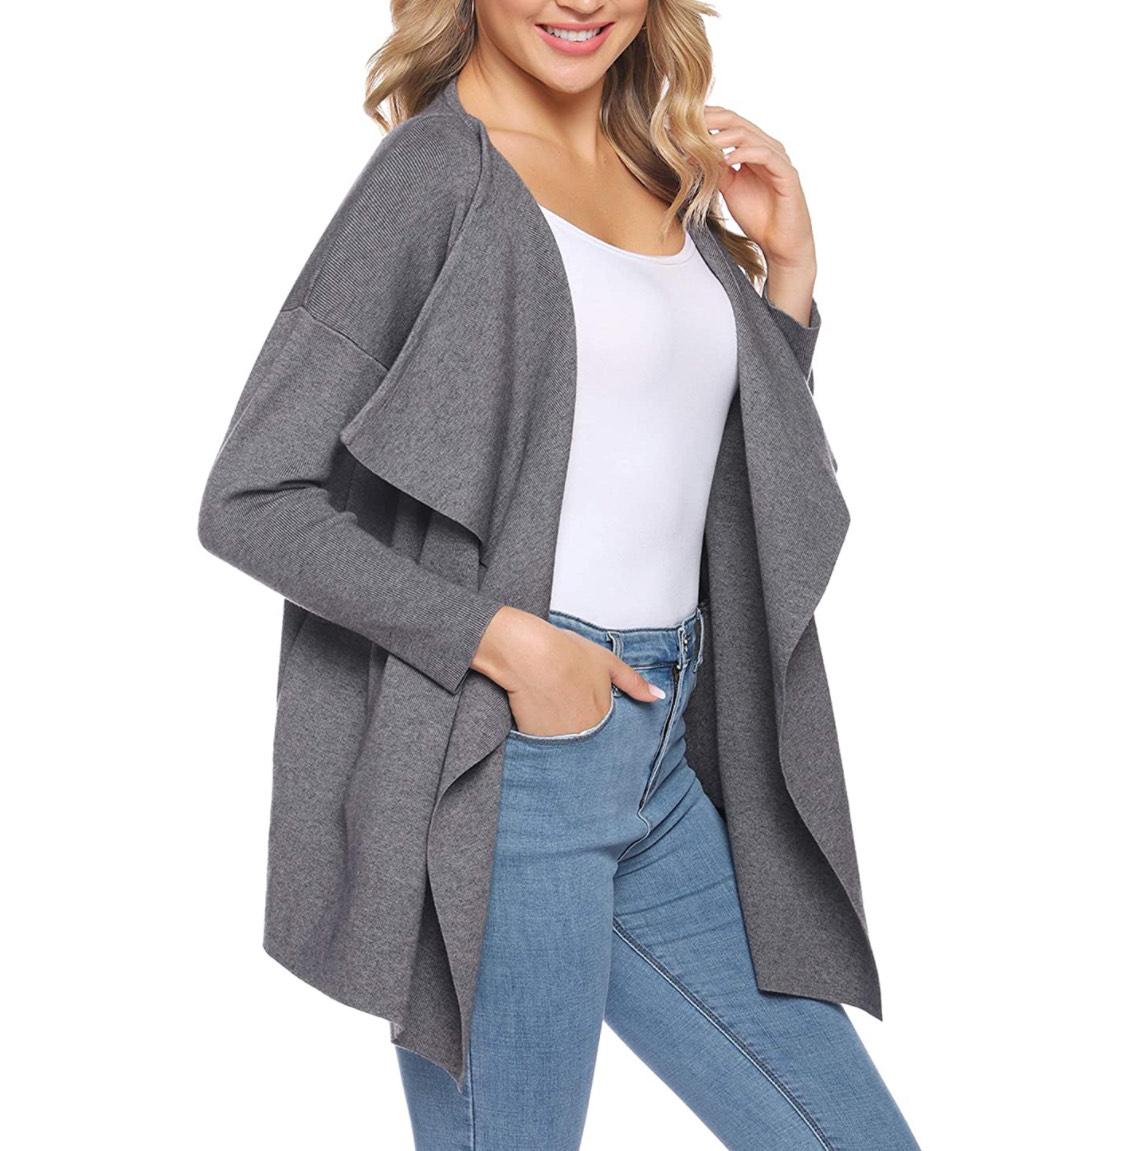 Jersey abierto gris mujer talla XL (también disponible en otros colores y tallas).